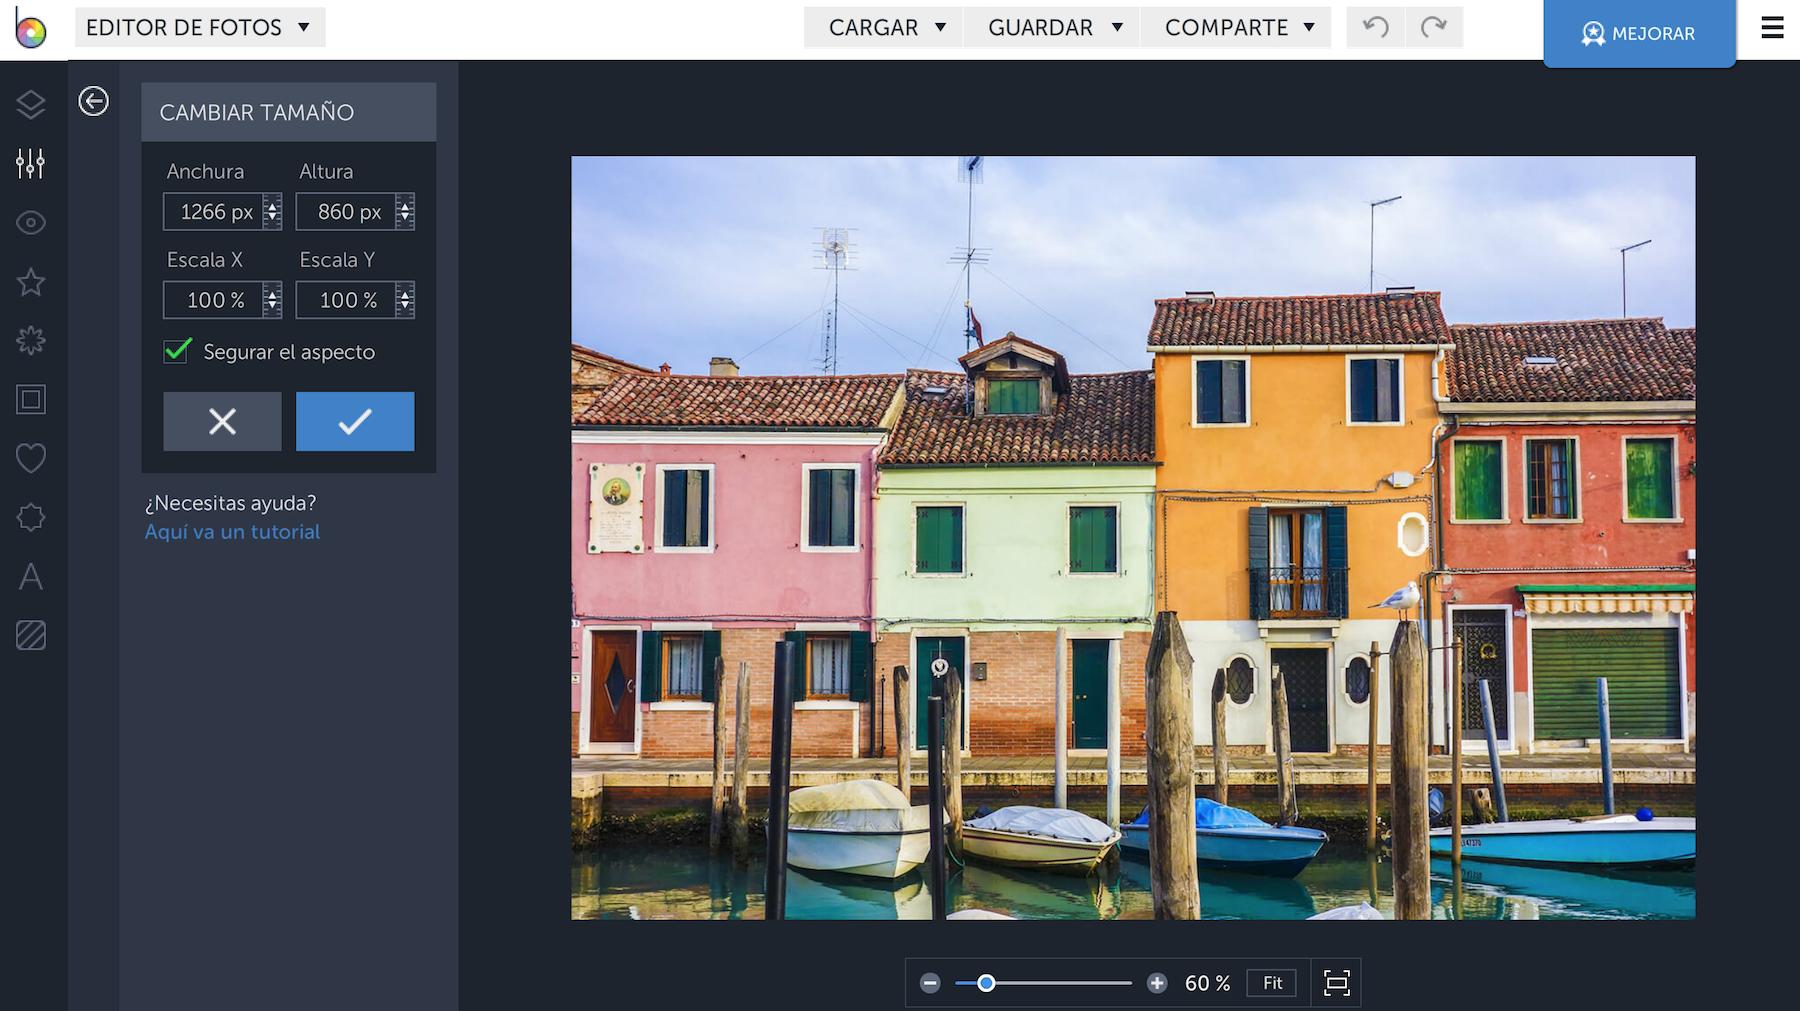 herramientas para reducir imágenes: BeFunky